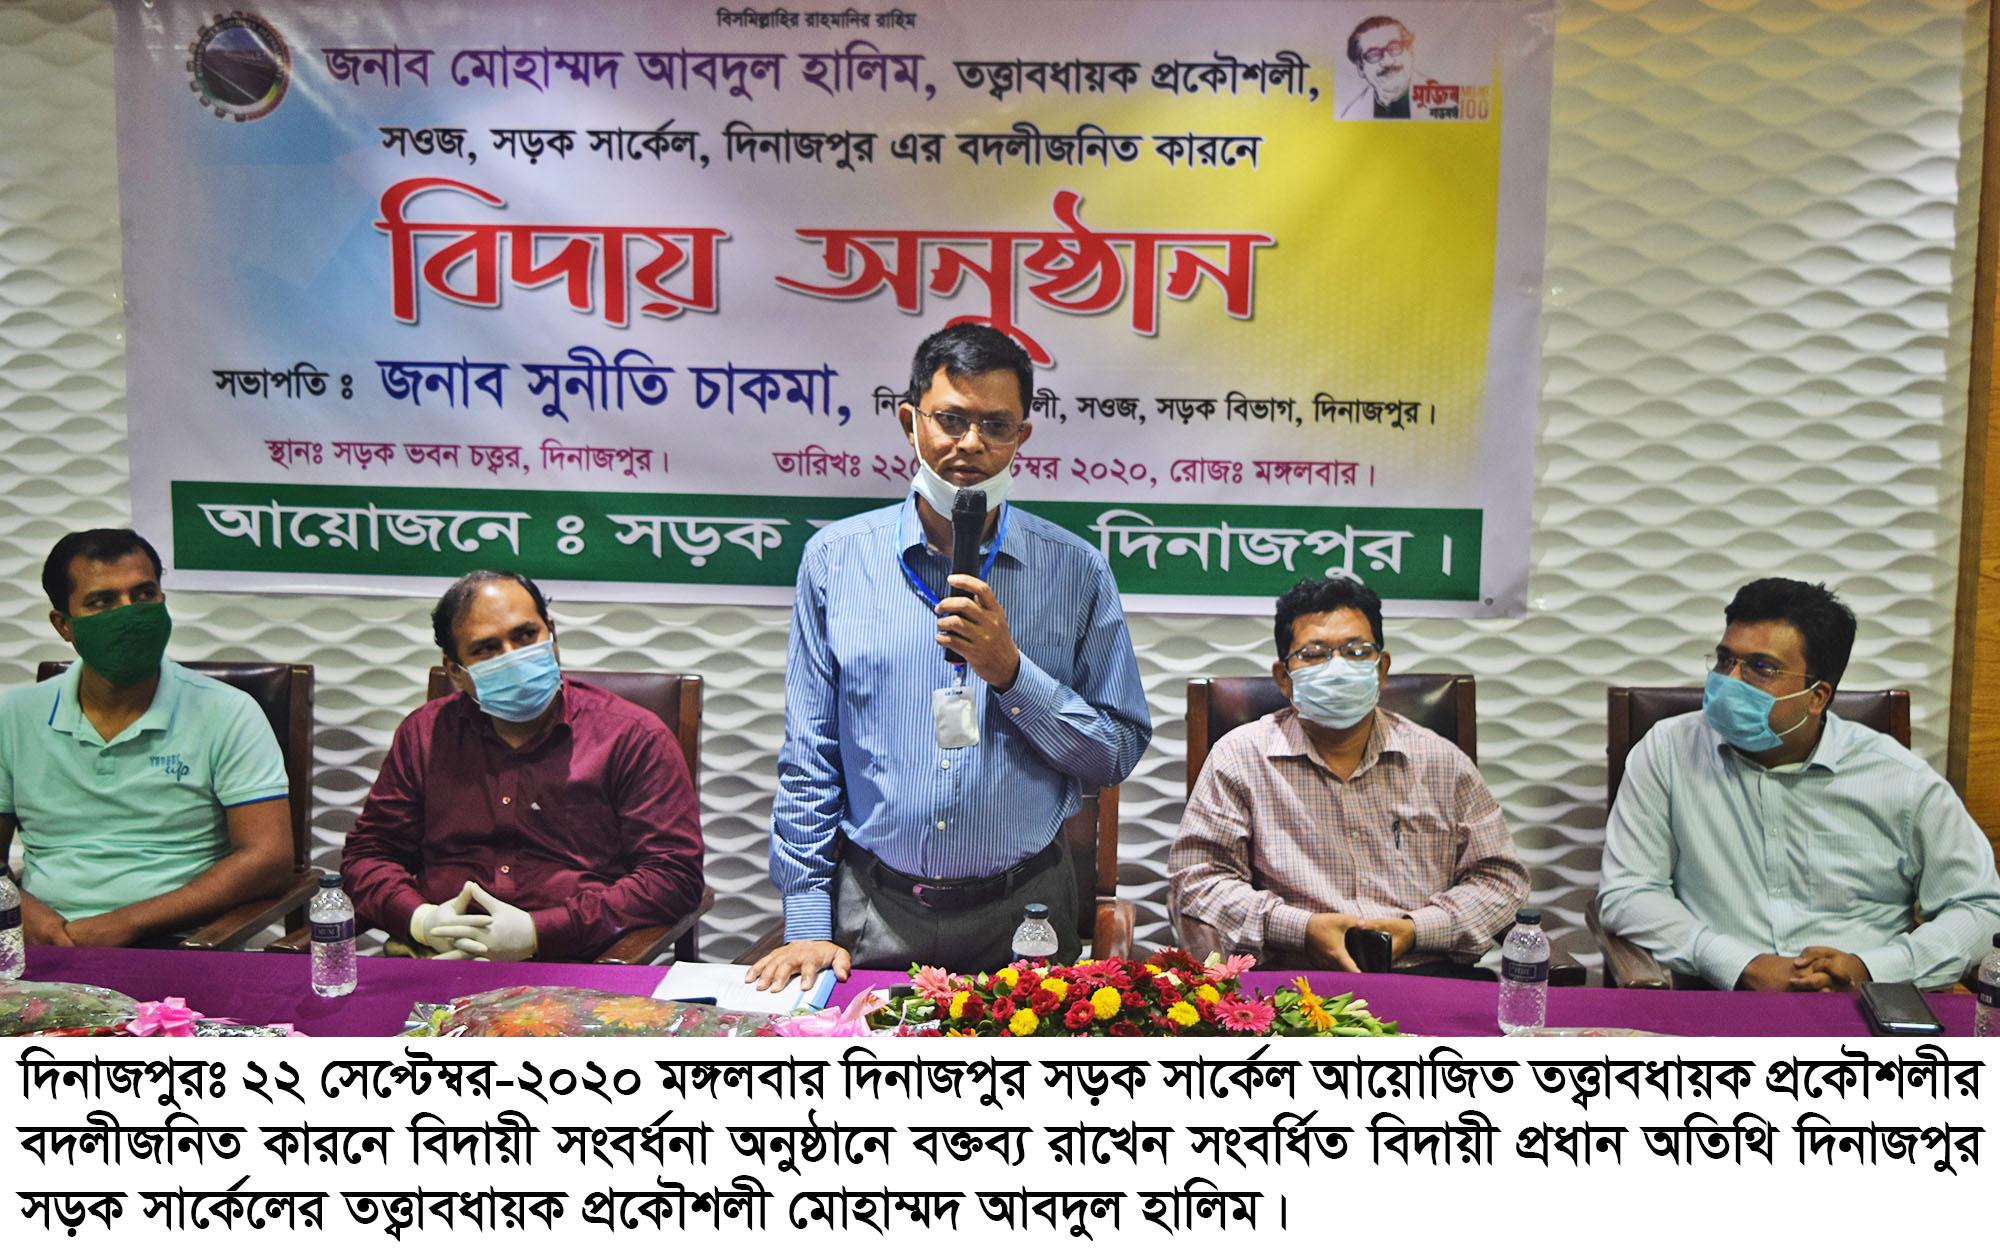 দিনাজপুর সড়ক সার্কেলের আয়োজনে তত্ত্বাবধায়ক প্রকৌশলী মোহাম্মদ আবদুল হালিম'র বিদায়ী সংবর্ধনা অনুষ্ঠিত